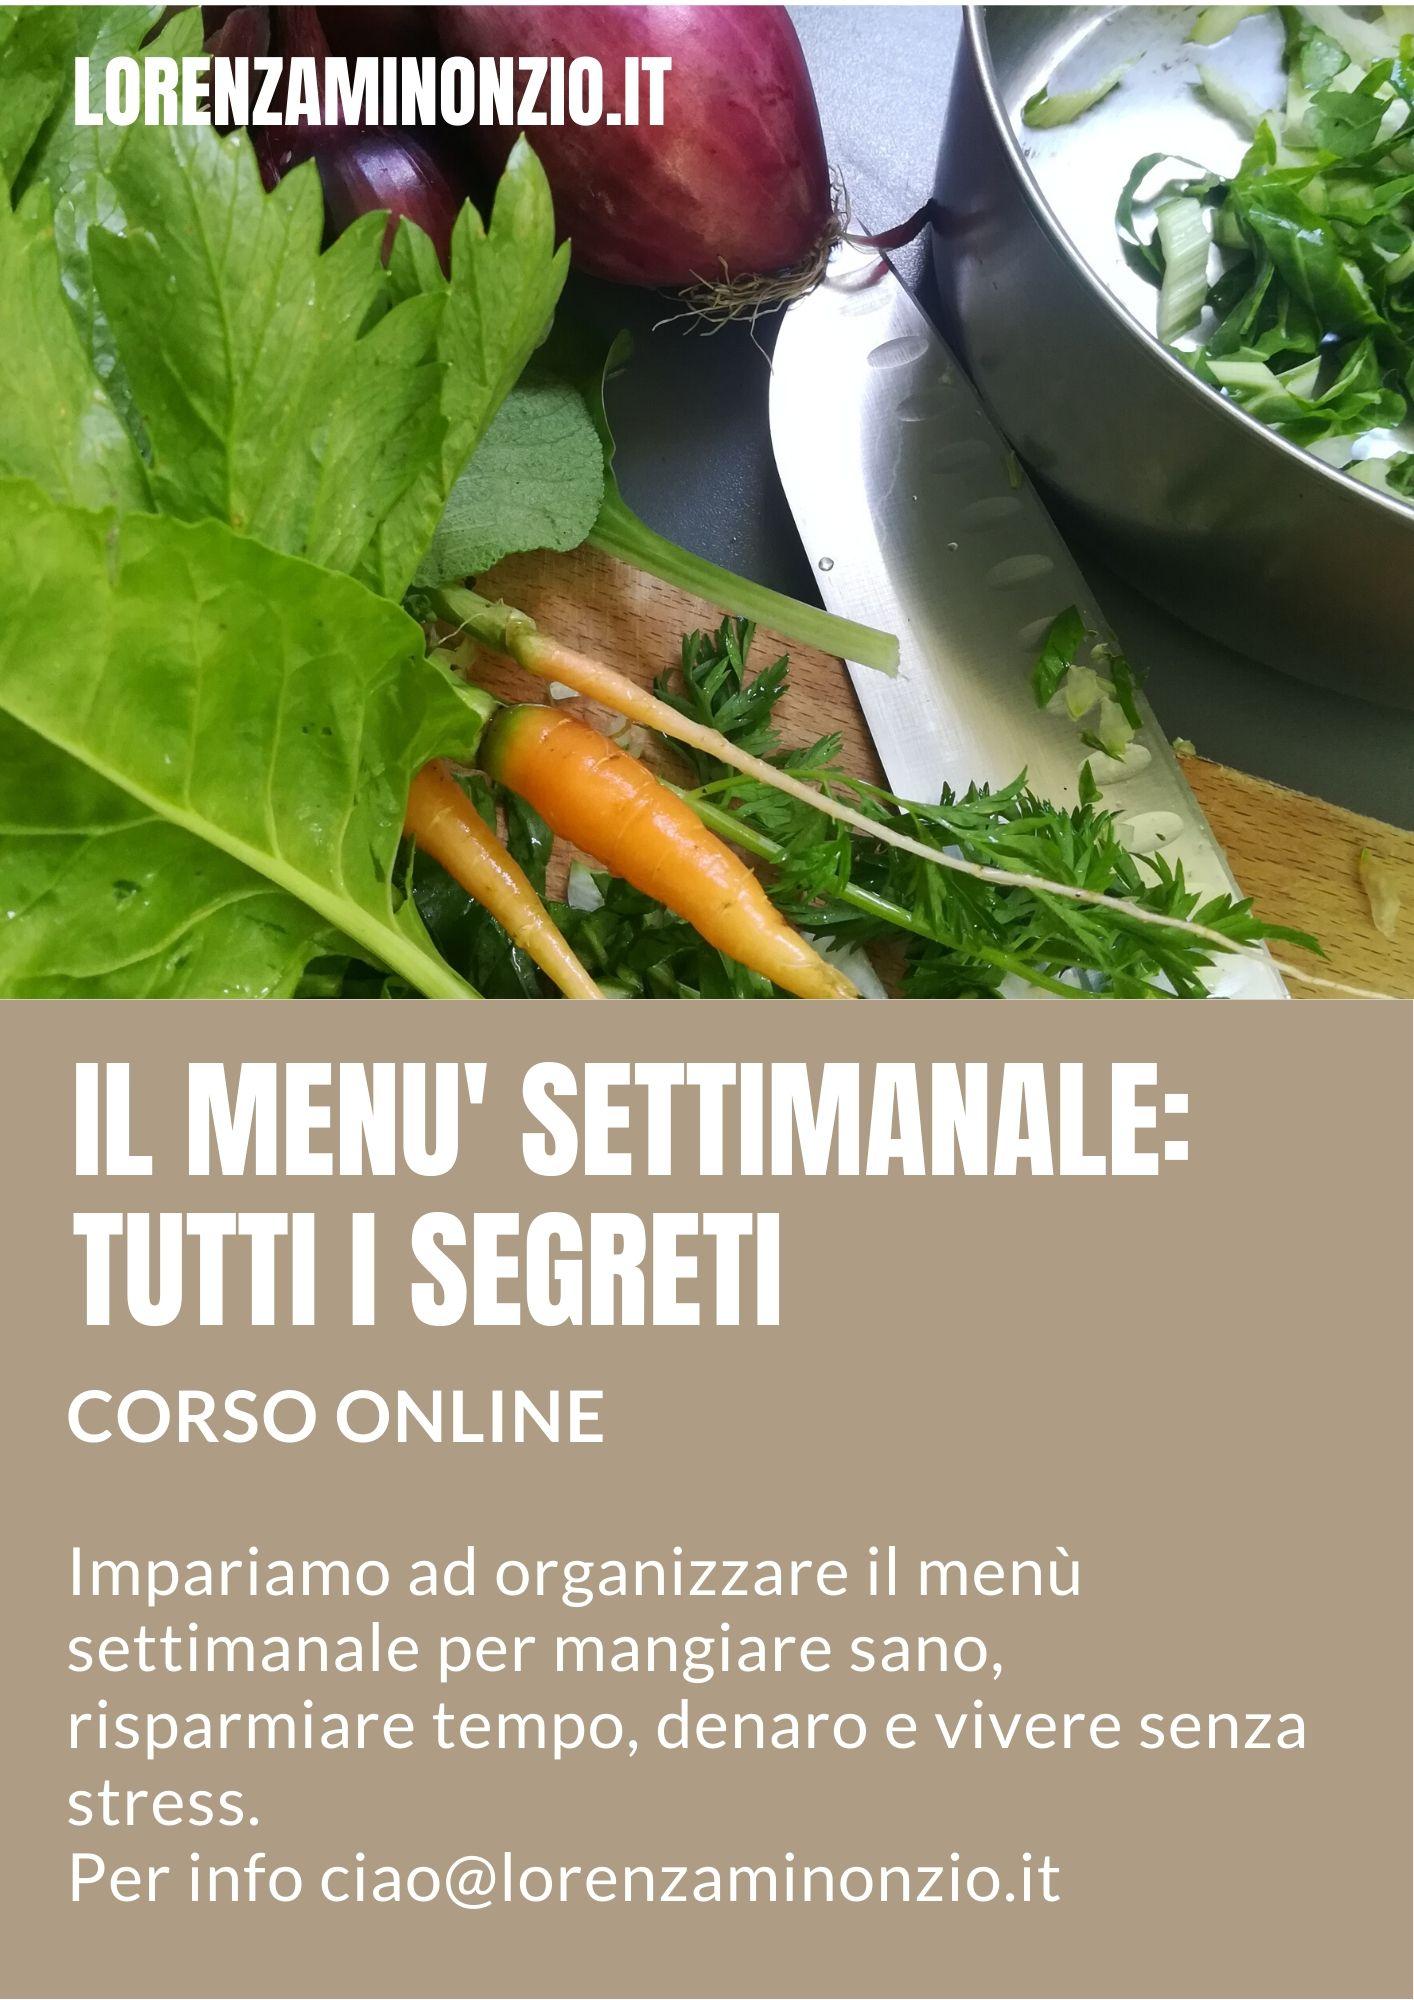 Come Organizzare I Pasti Settimanali il menù settimanale: corso online - lorenza minonzio